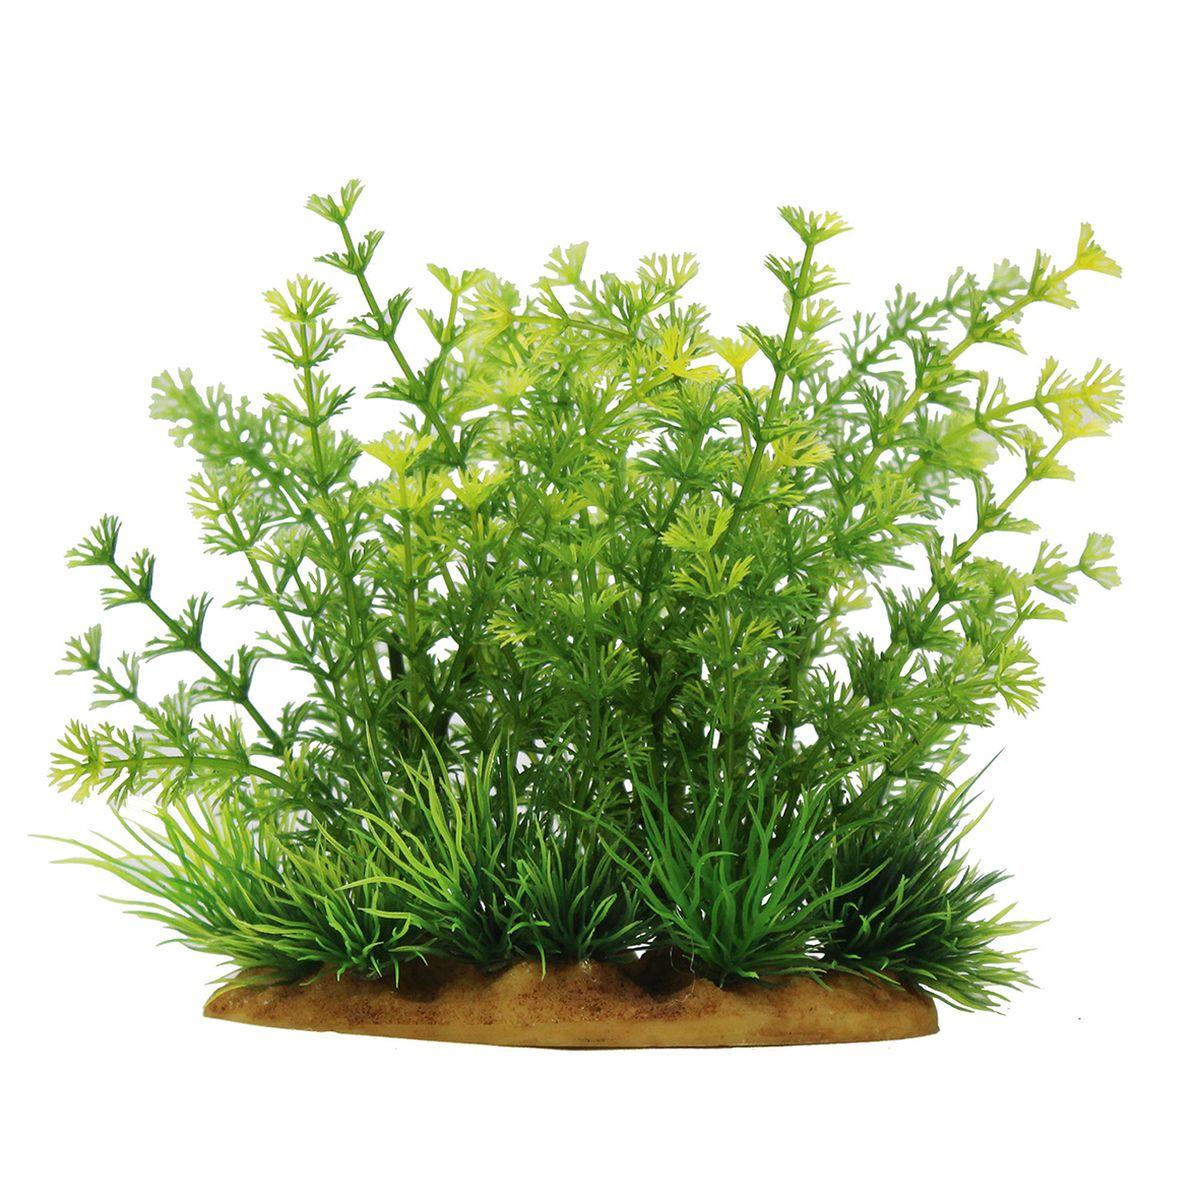 Растение для аквариума ArtUniq Лимнофила сидячецветковая, высота 15 смART-1160104Растение для аквариума ArtUniq Лимнофила сидячецветковая, высота 15 см